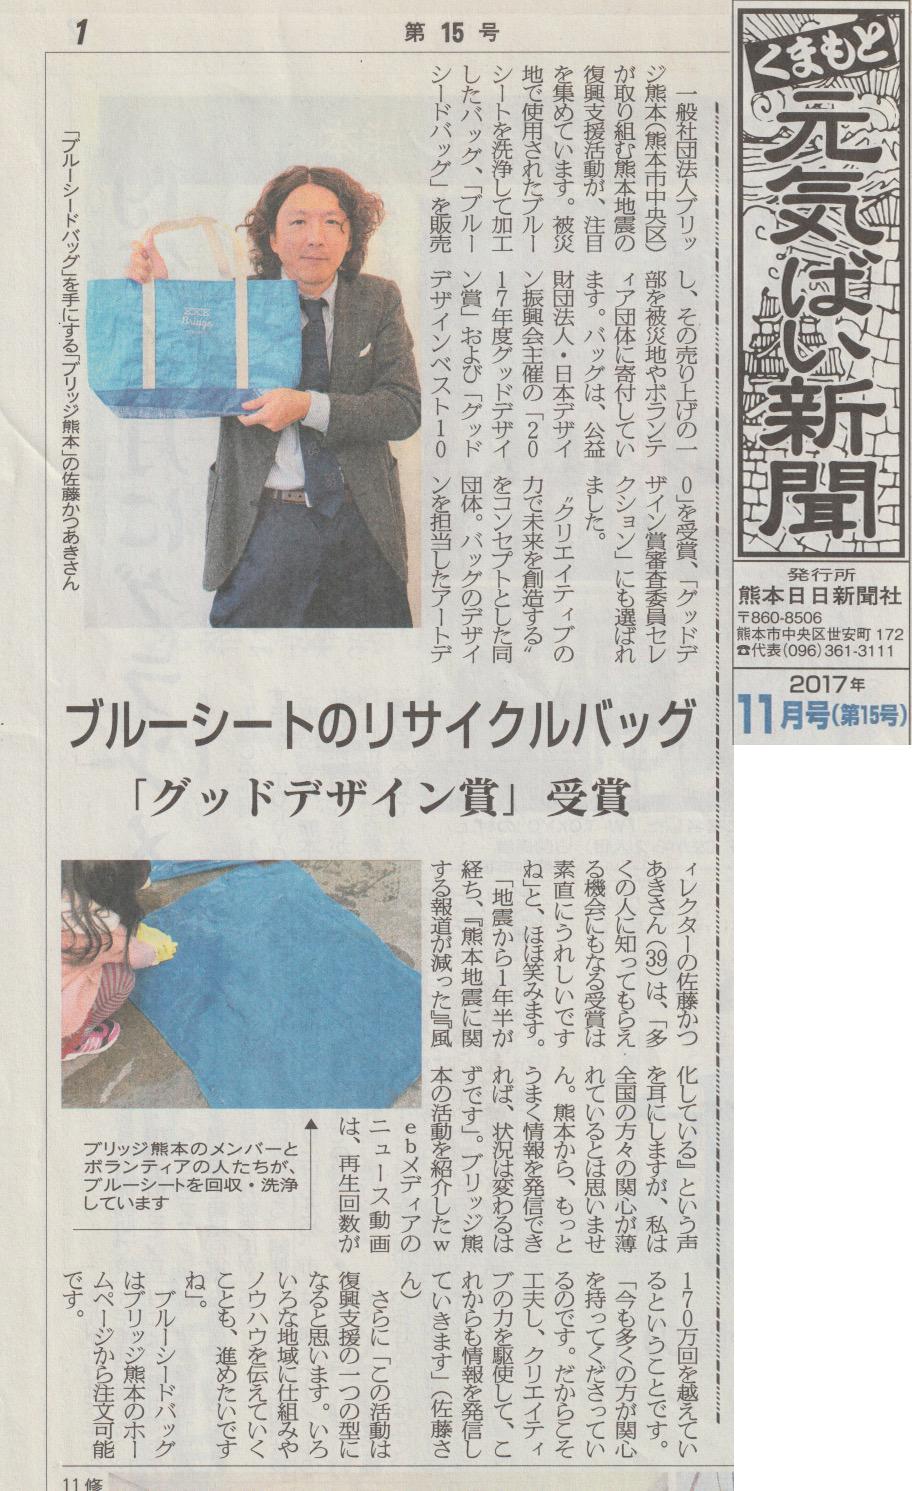 2017011_くまもと元気ばい新聞